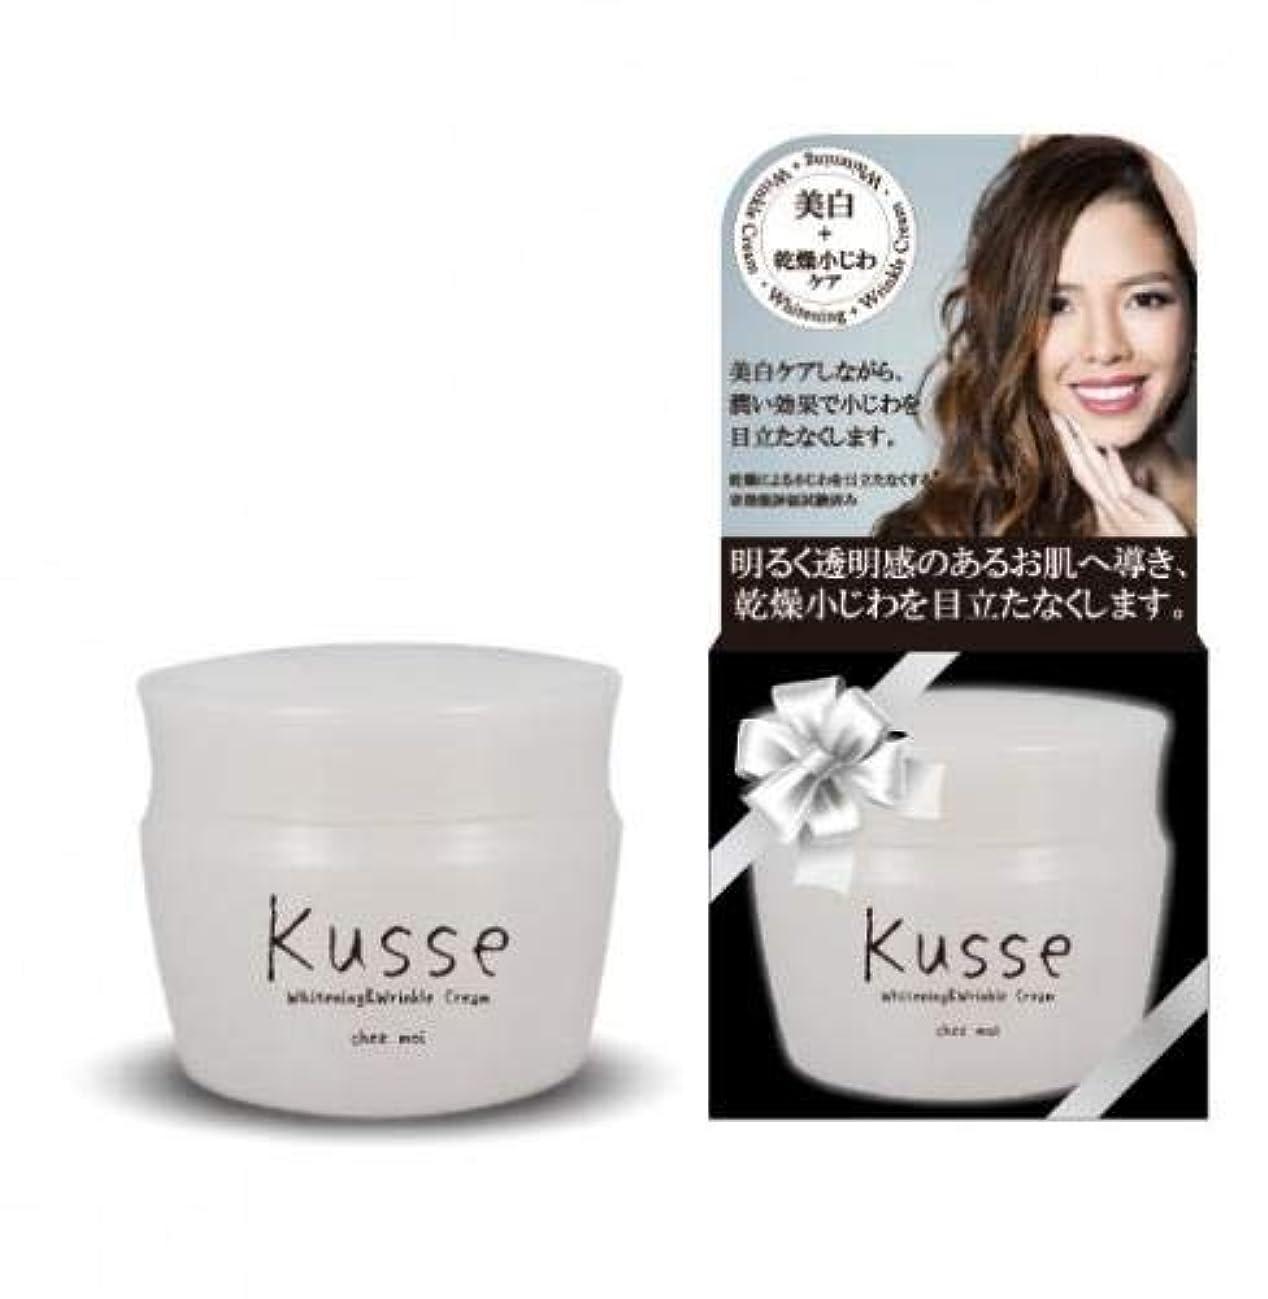 幽霊タックル現象シェモア 薬用 Kusse(キュセ) Whitening&Wrinkle Cream クリーム 30g